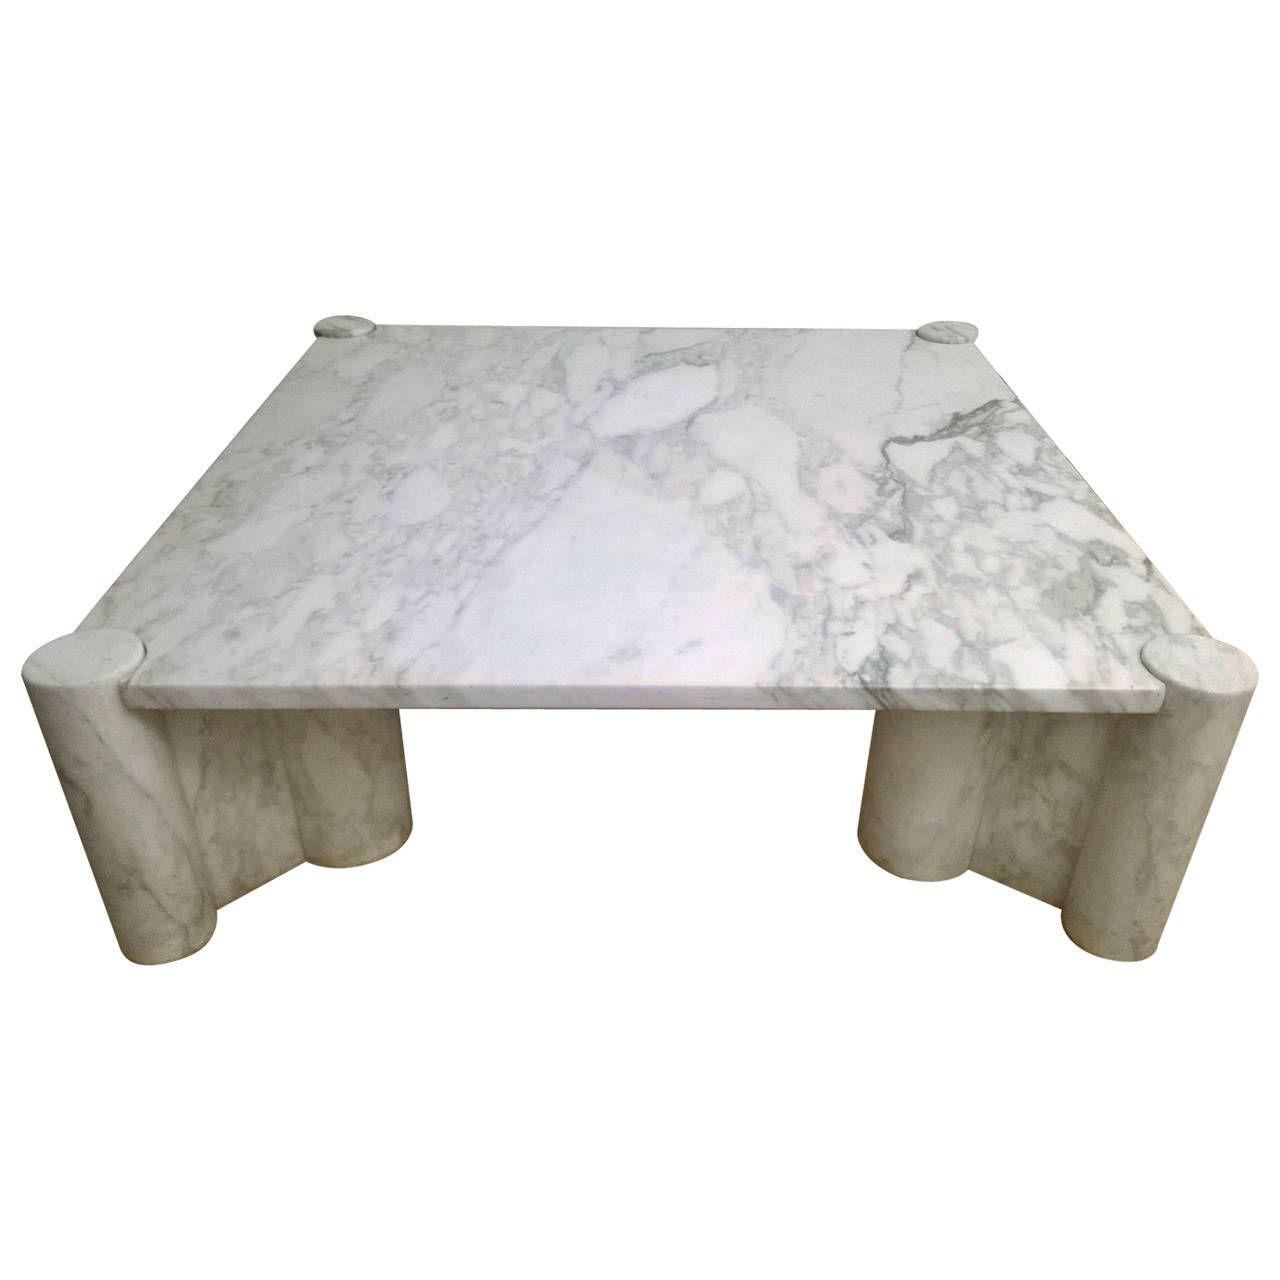 Erkunde Moderne Mbel Design Tisch Und Noch Mehr